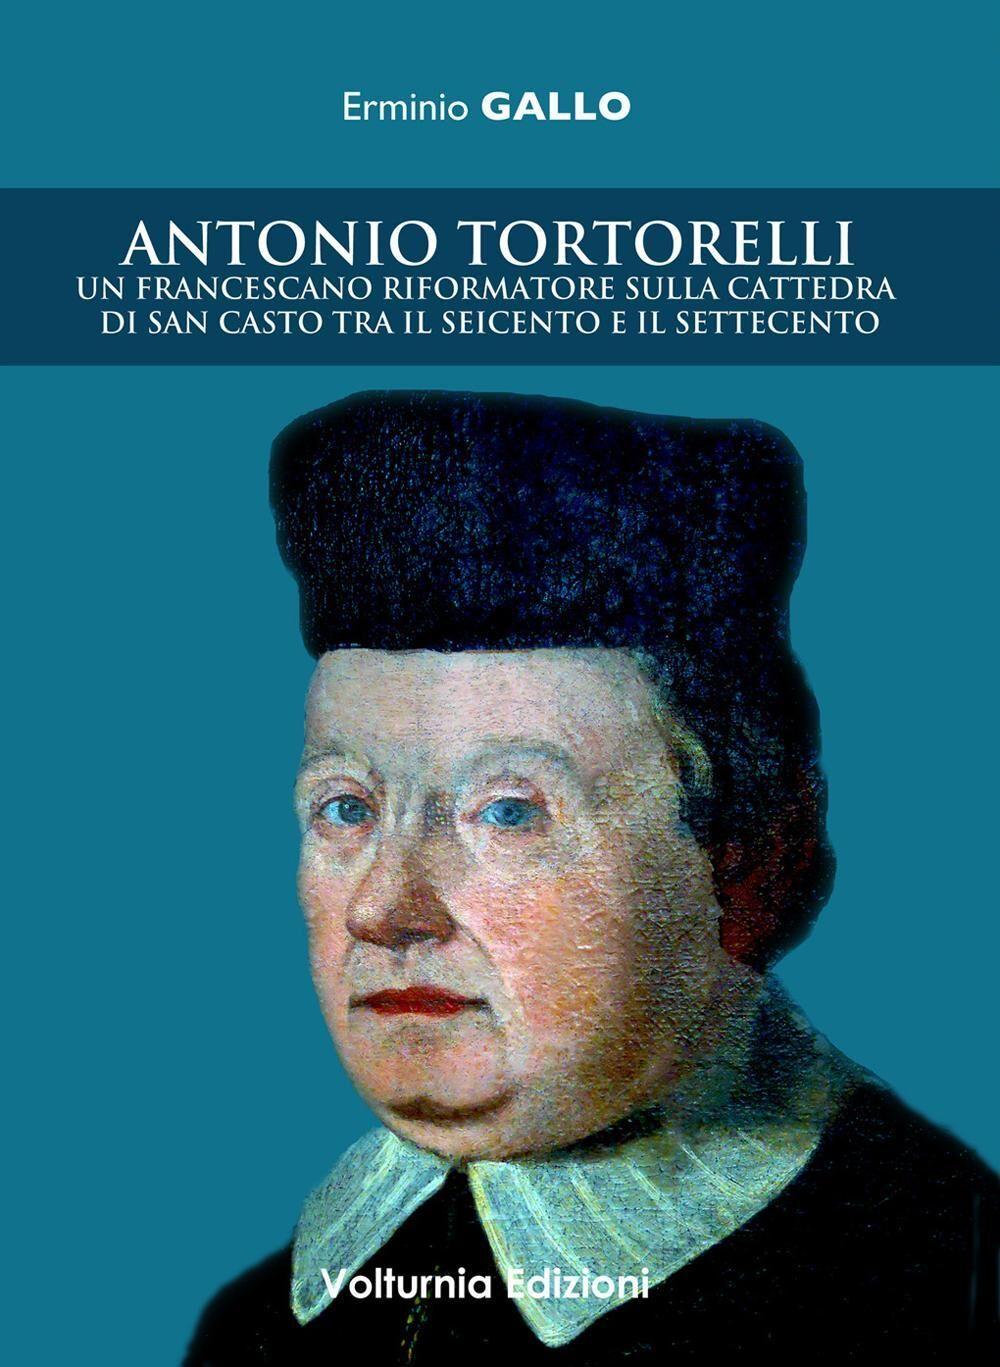 Antonio Tortorelli. Un francescano riformatore sulla cattedra di san Casto tra il Seicento e il Settecento